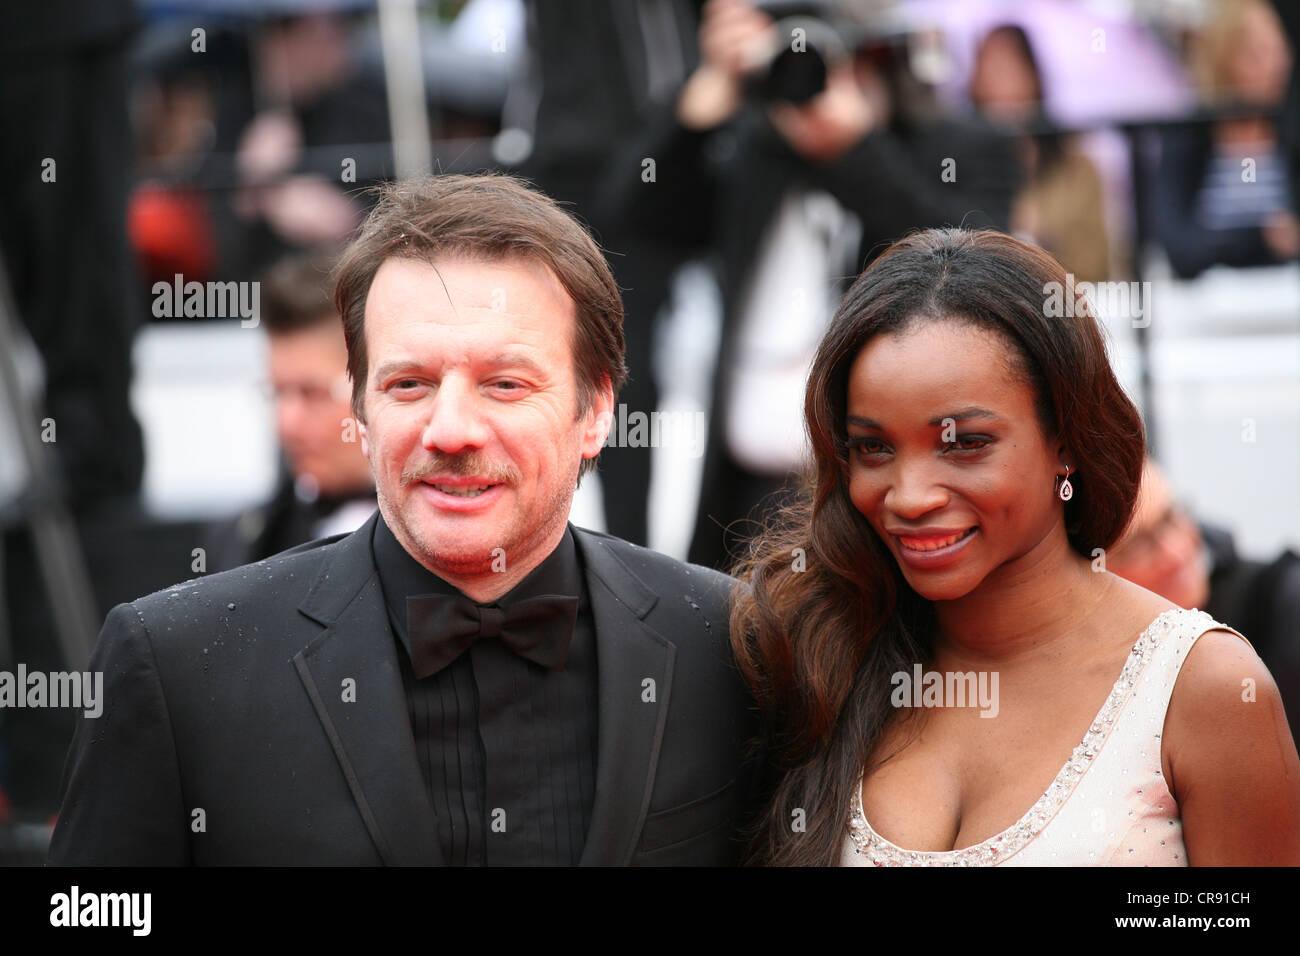 Samuel Le Bihan and his wife Daniela arriving at the Vous N'Avez Encore Rien